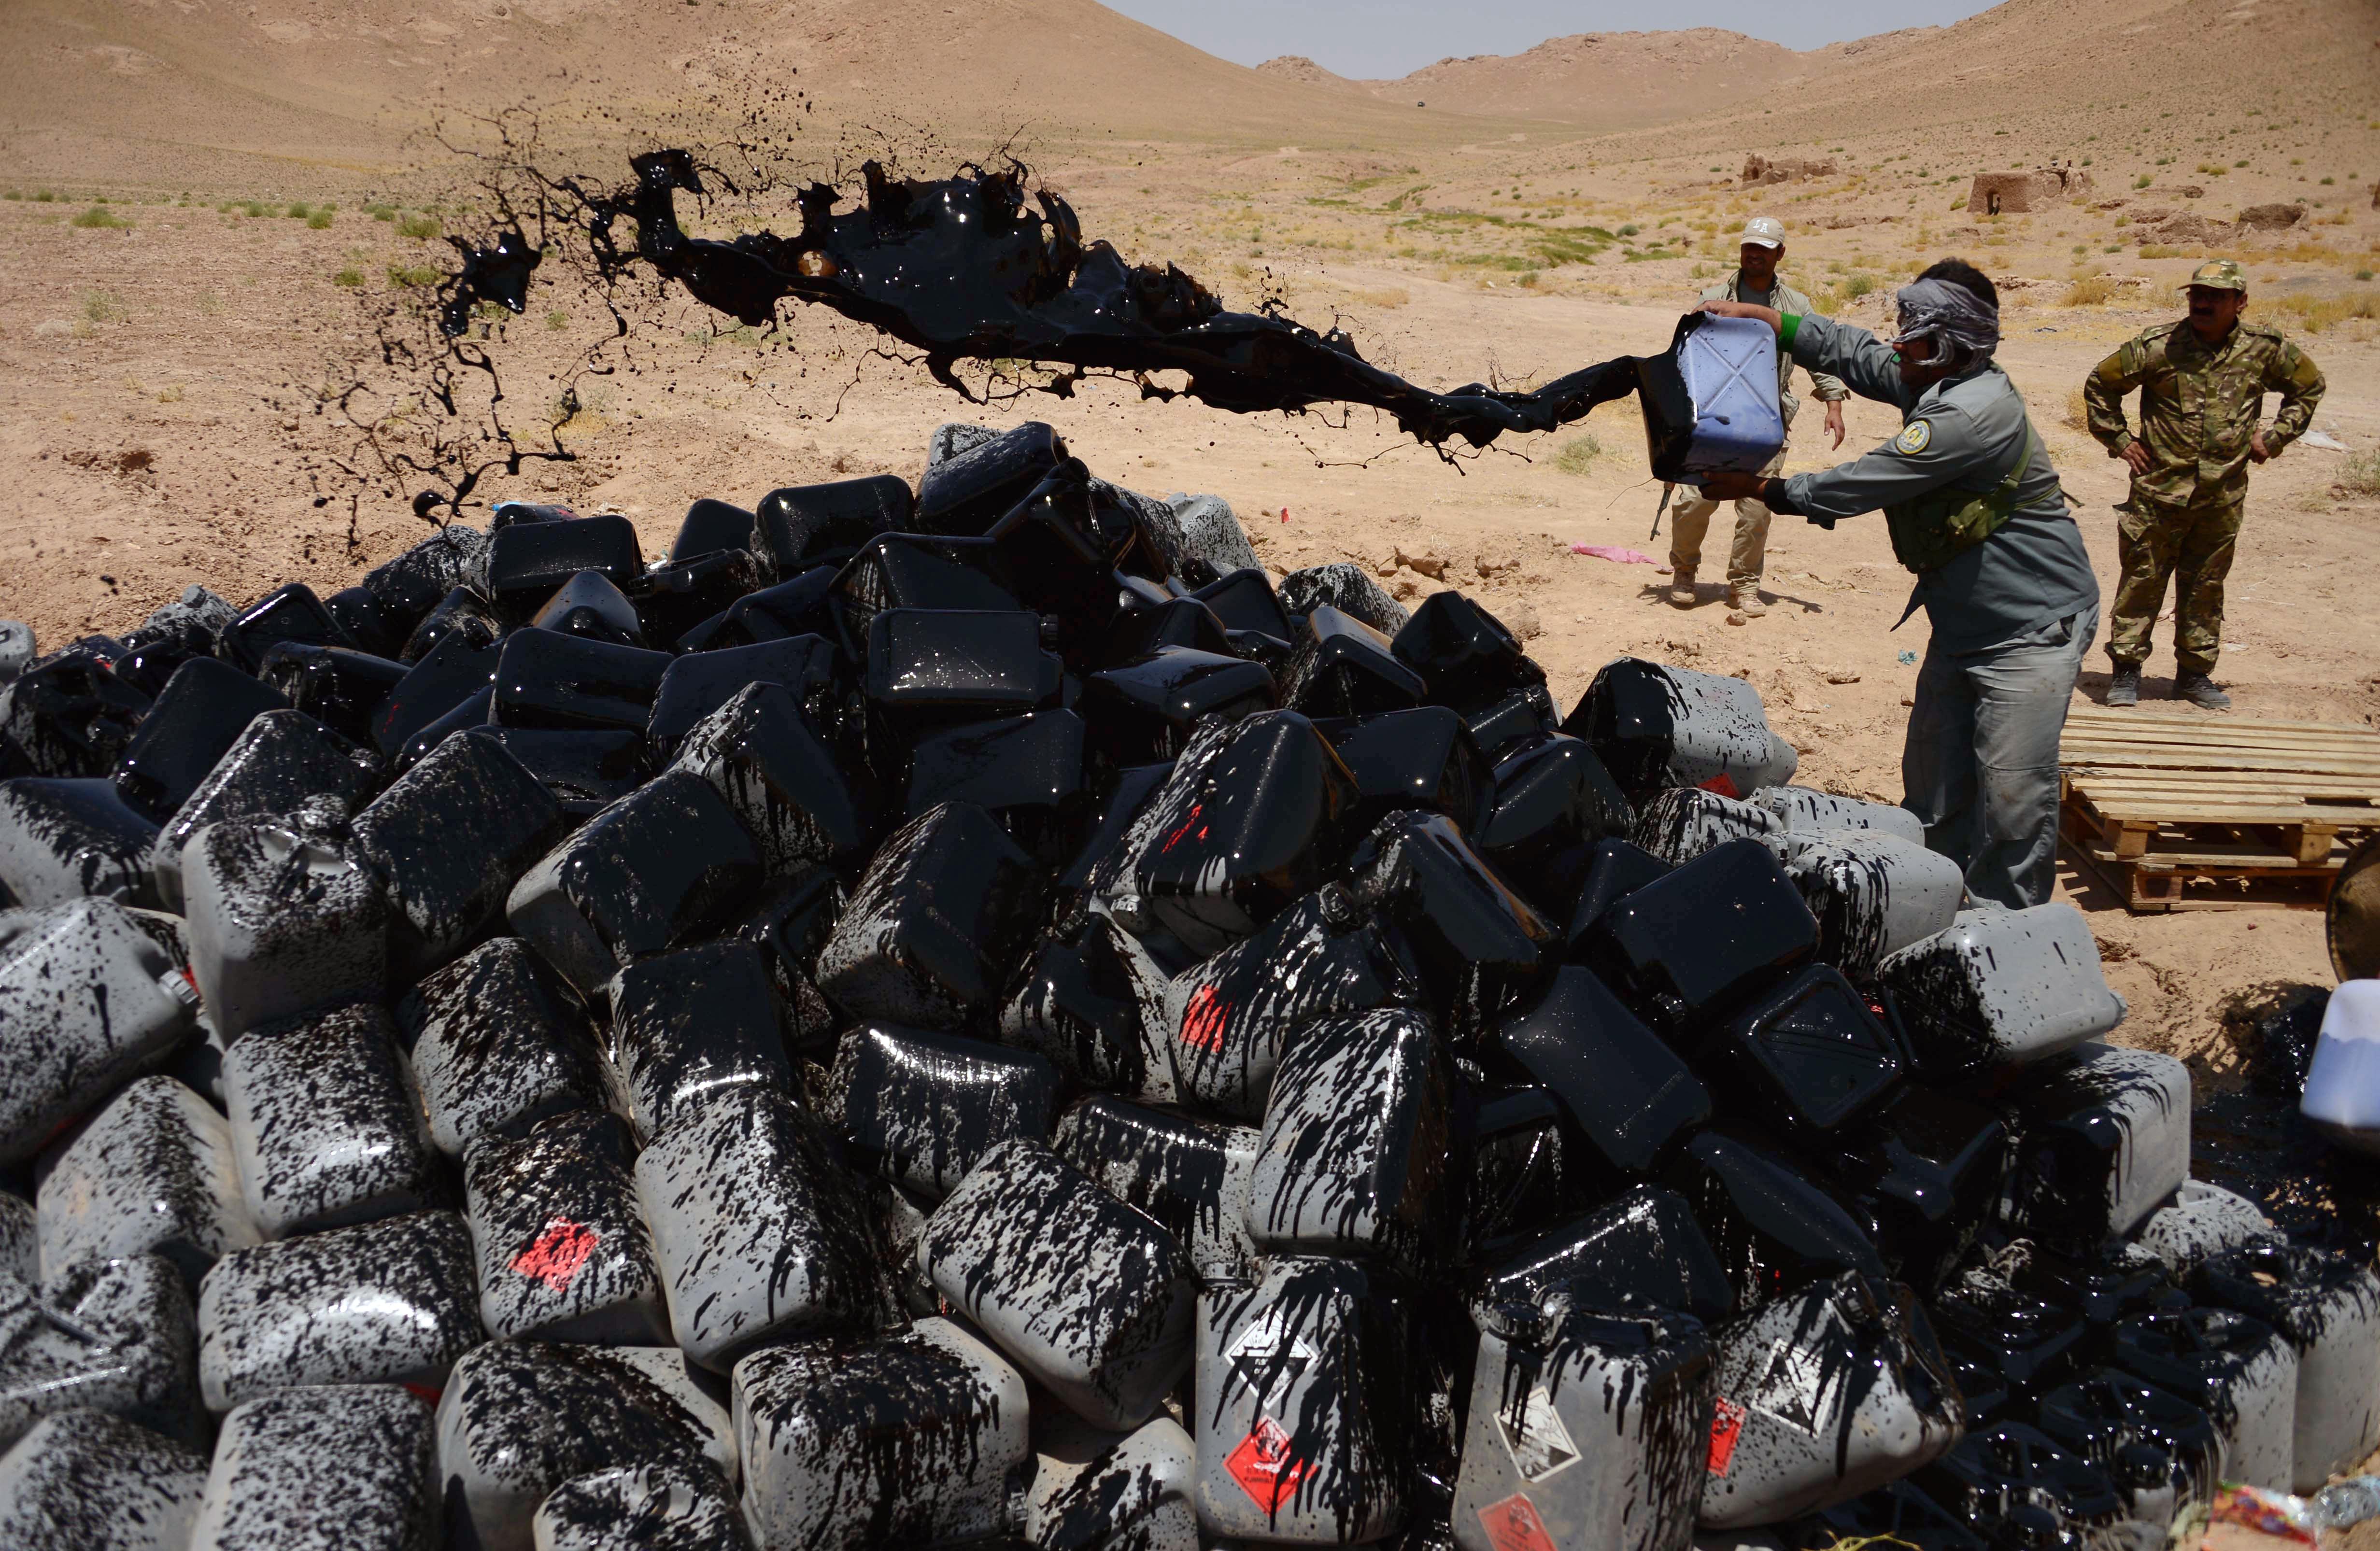 Афганский полицейский льет бензин из канистры на конфискованную уксусную кислоту перед тем, как ее поджечь. Окрестности Герата, 11 июля 2017 г. [Хошанг Хашими/АФП]